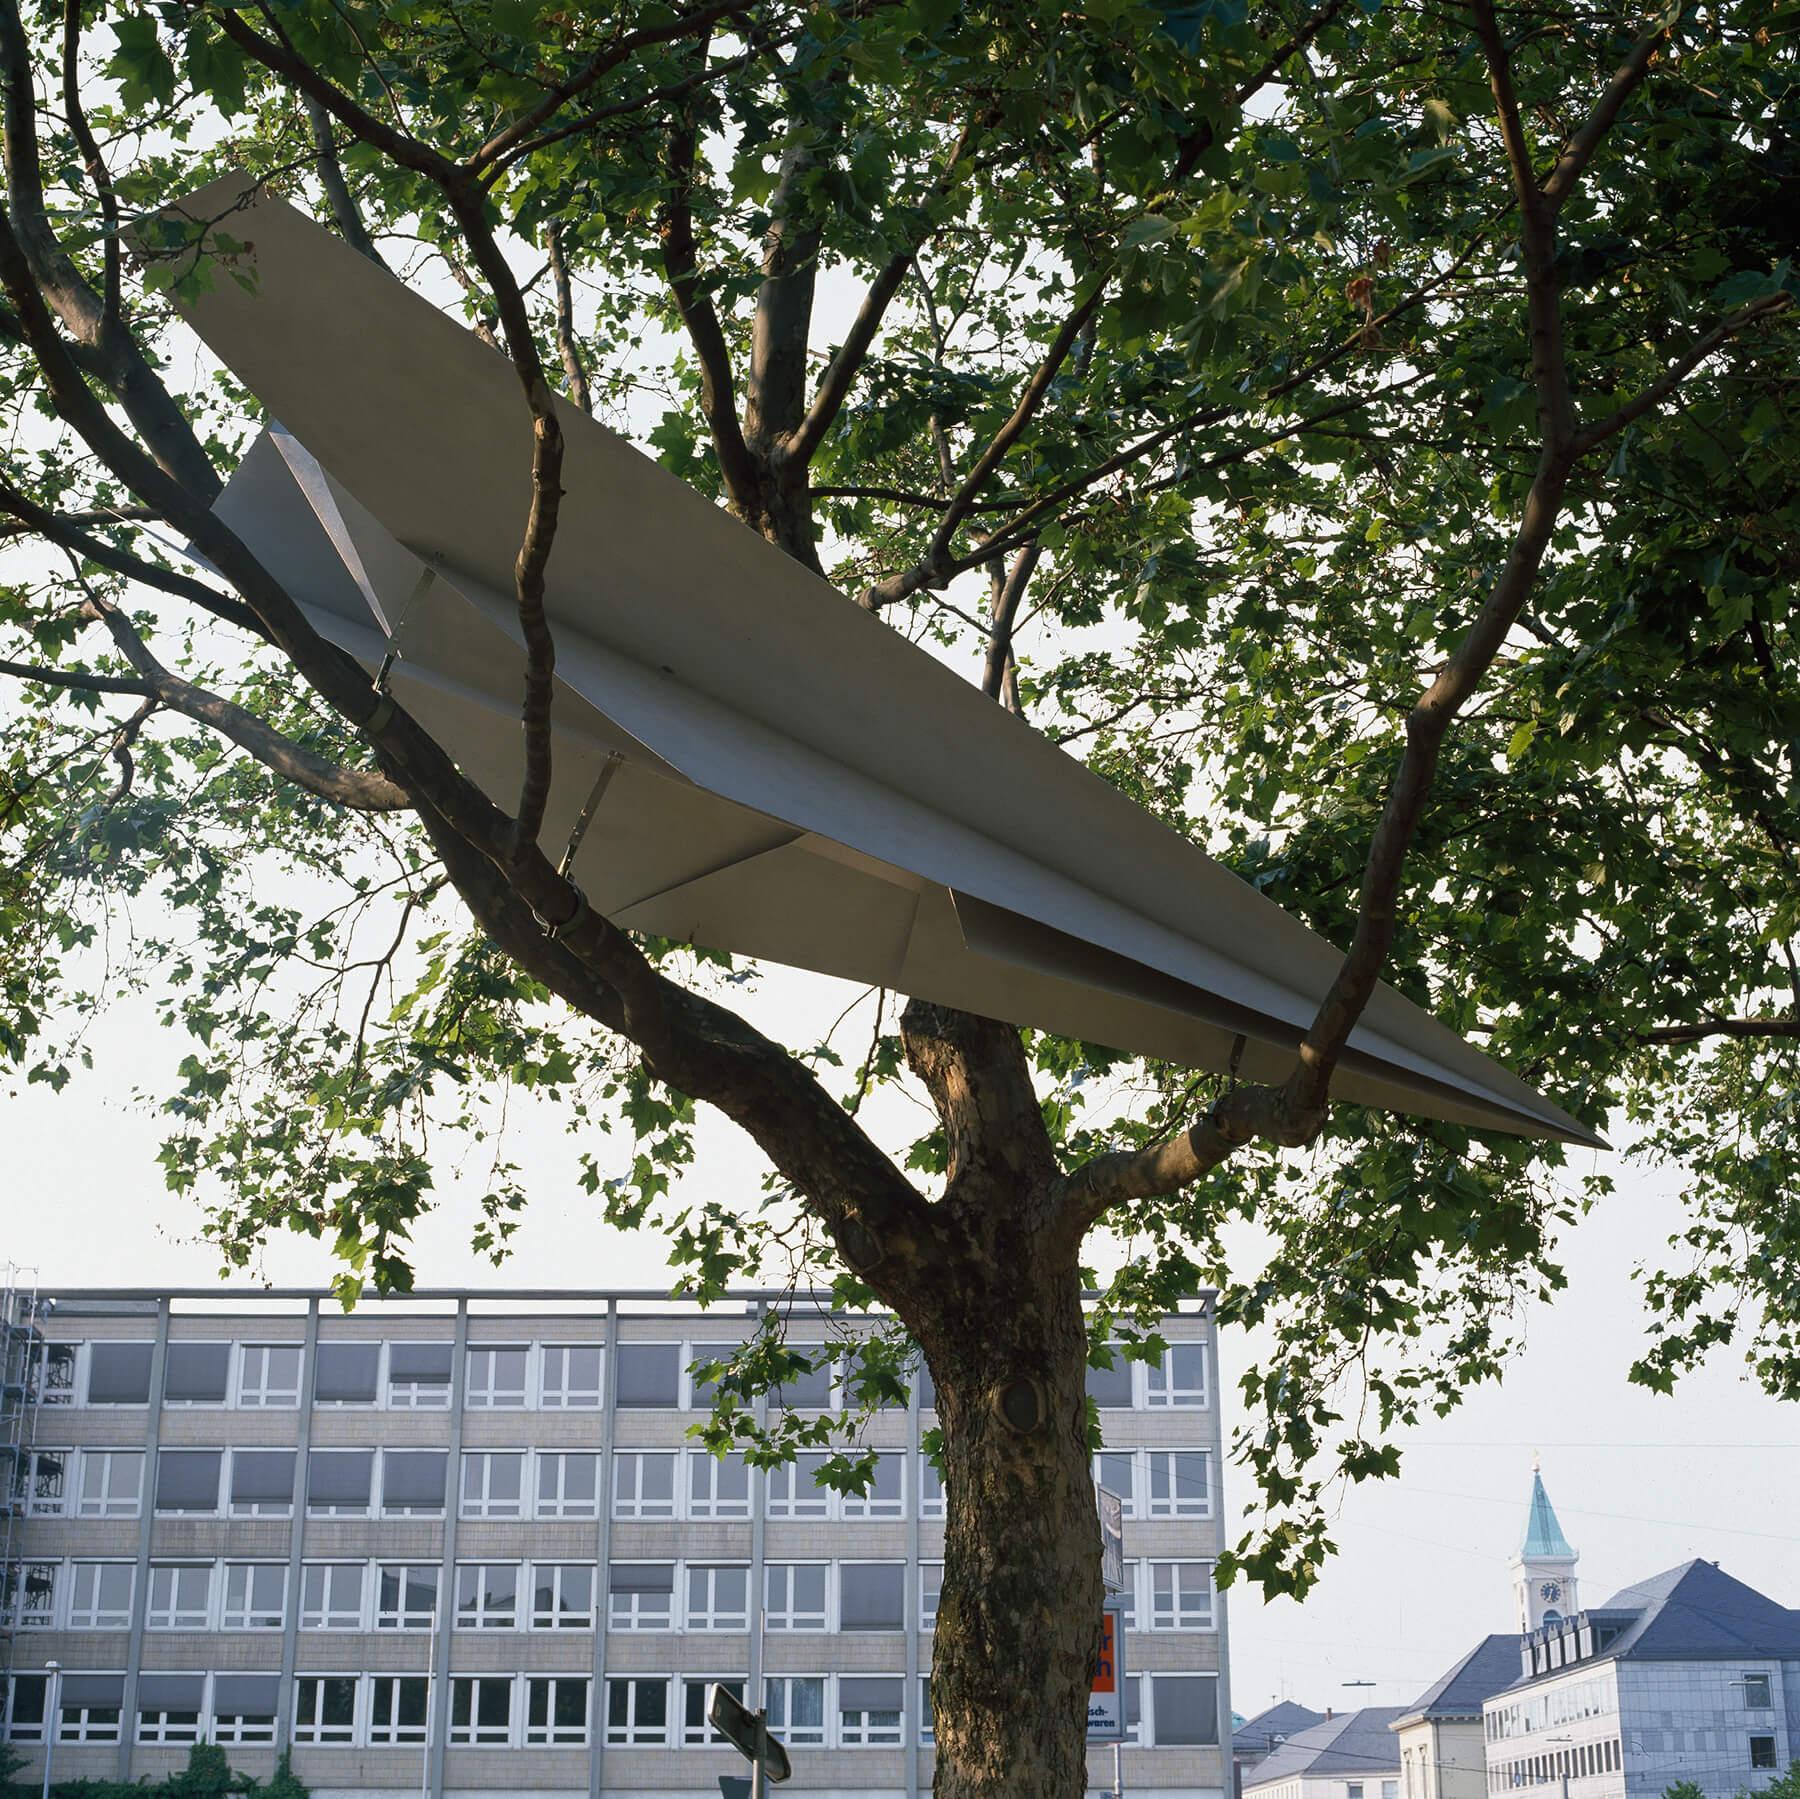 Bildhauer OMI Riesterer Karlsruhe Projekte Flieger im Baum